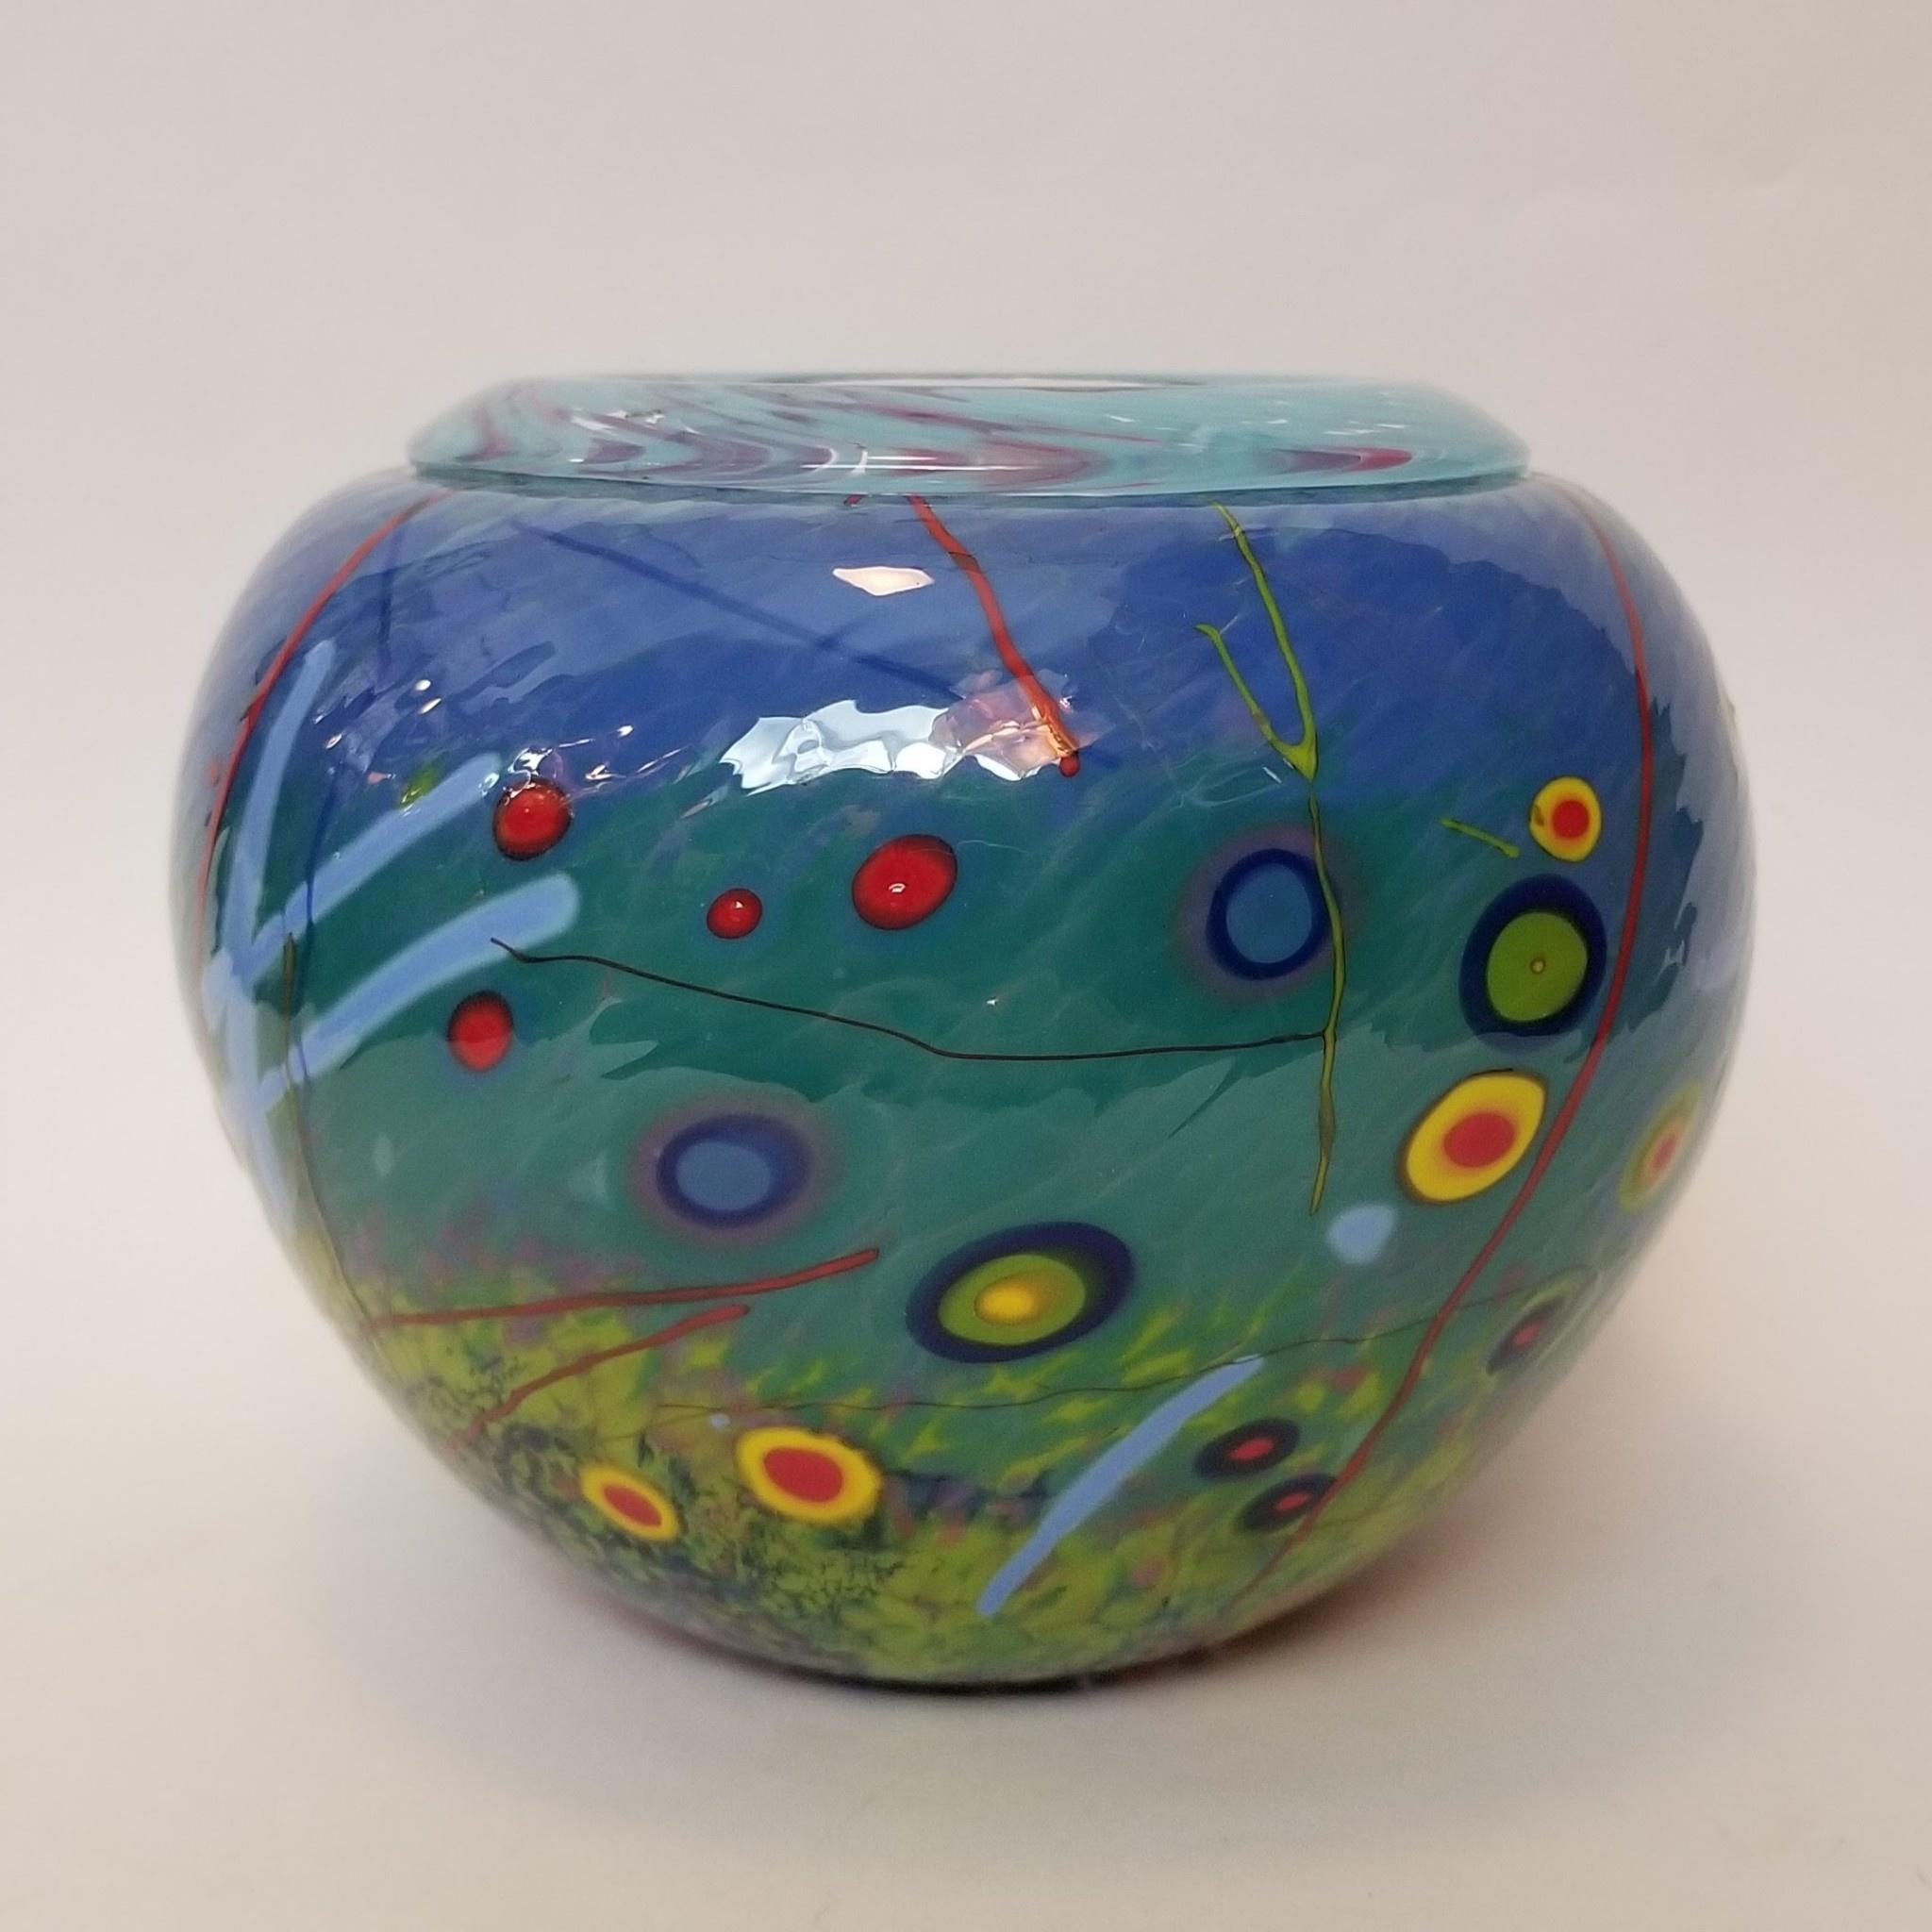 Sparrow Glassworks Folded Rim Vase - Large